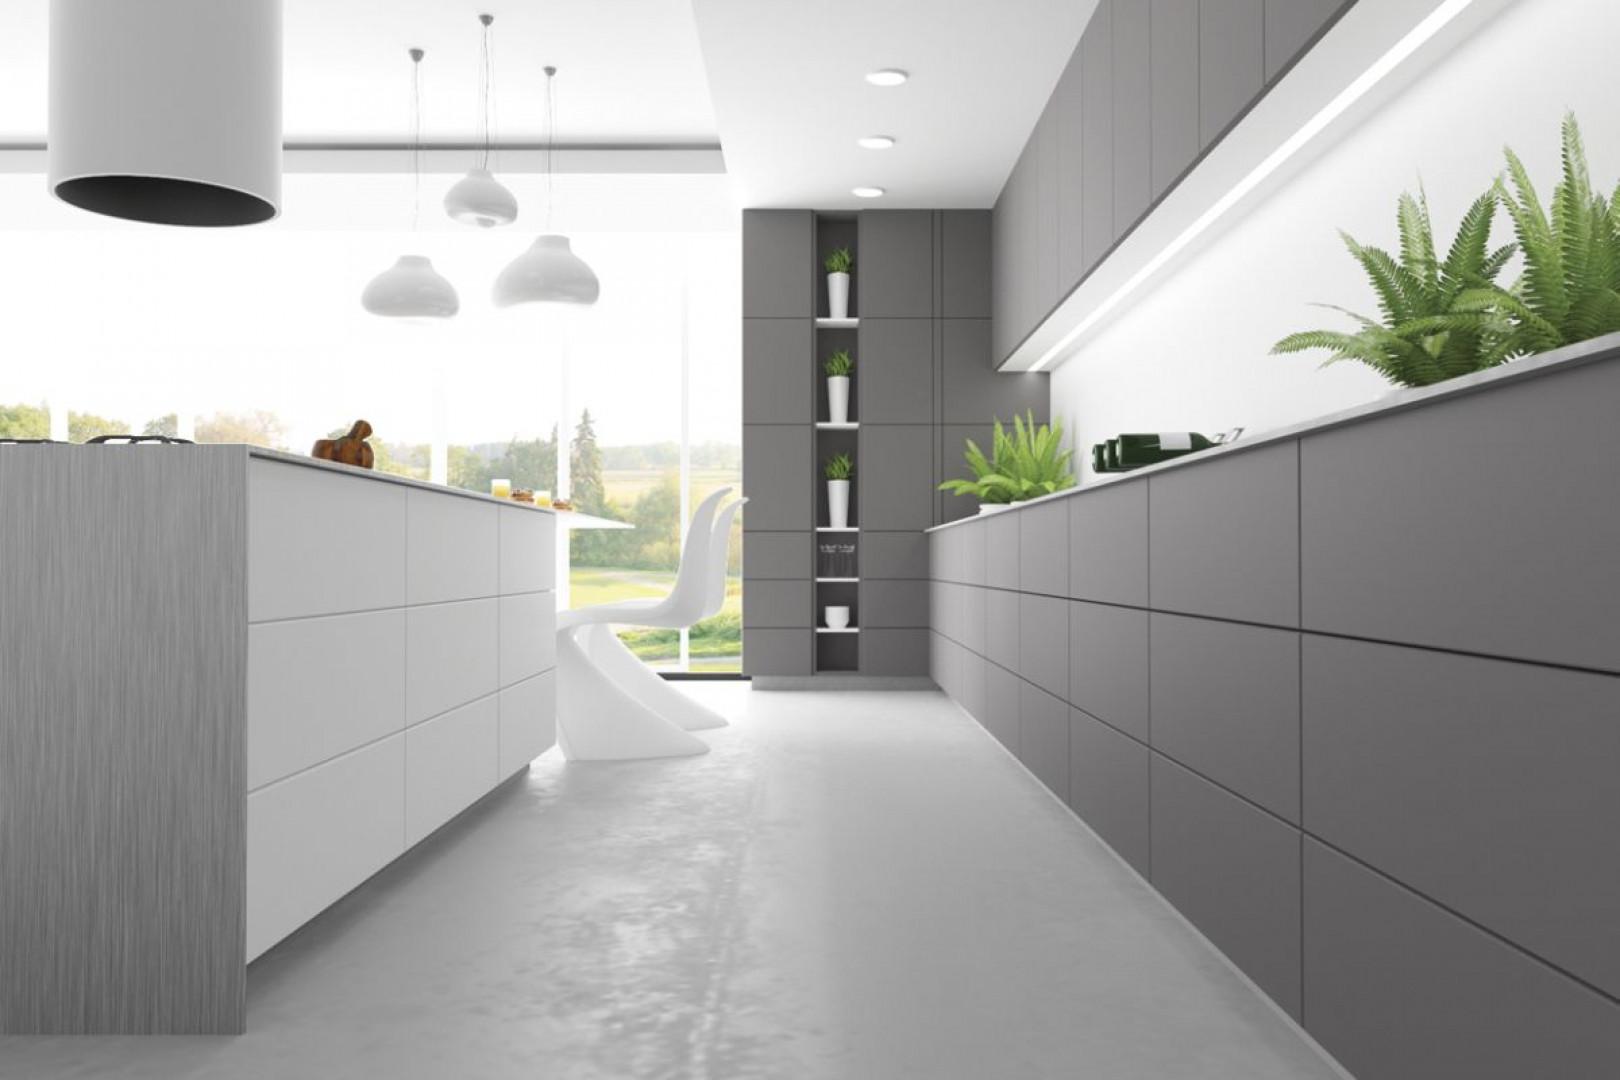 Powierzchnie matowe są coraz chętniej wykorzystywane w nowoczesnych kuchniach. Fot. Hubertus Design